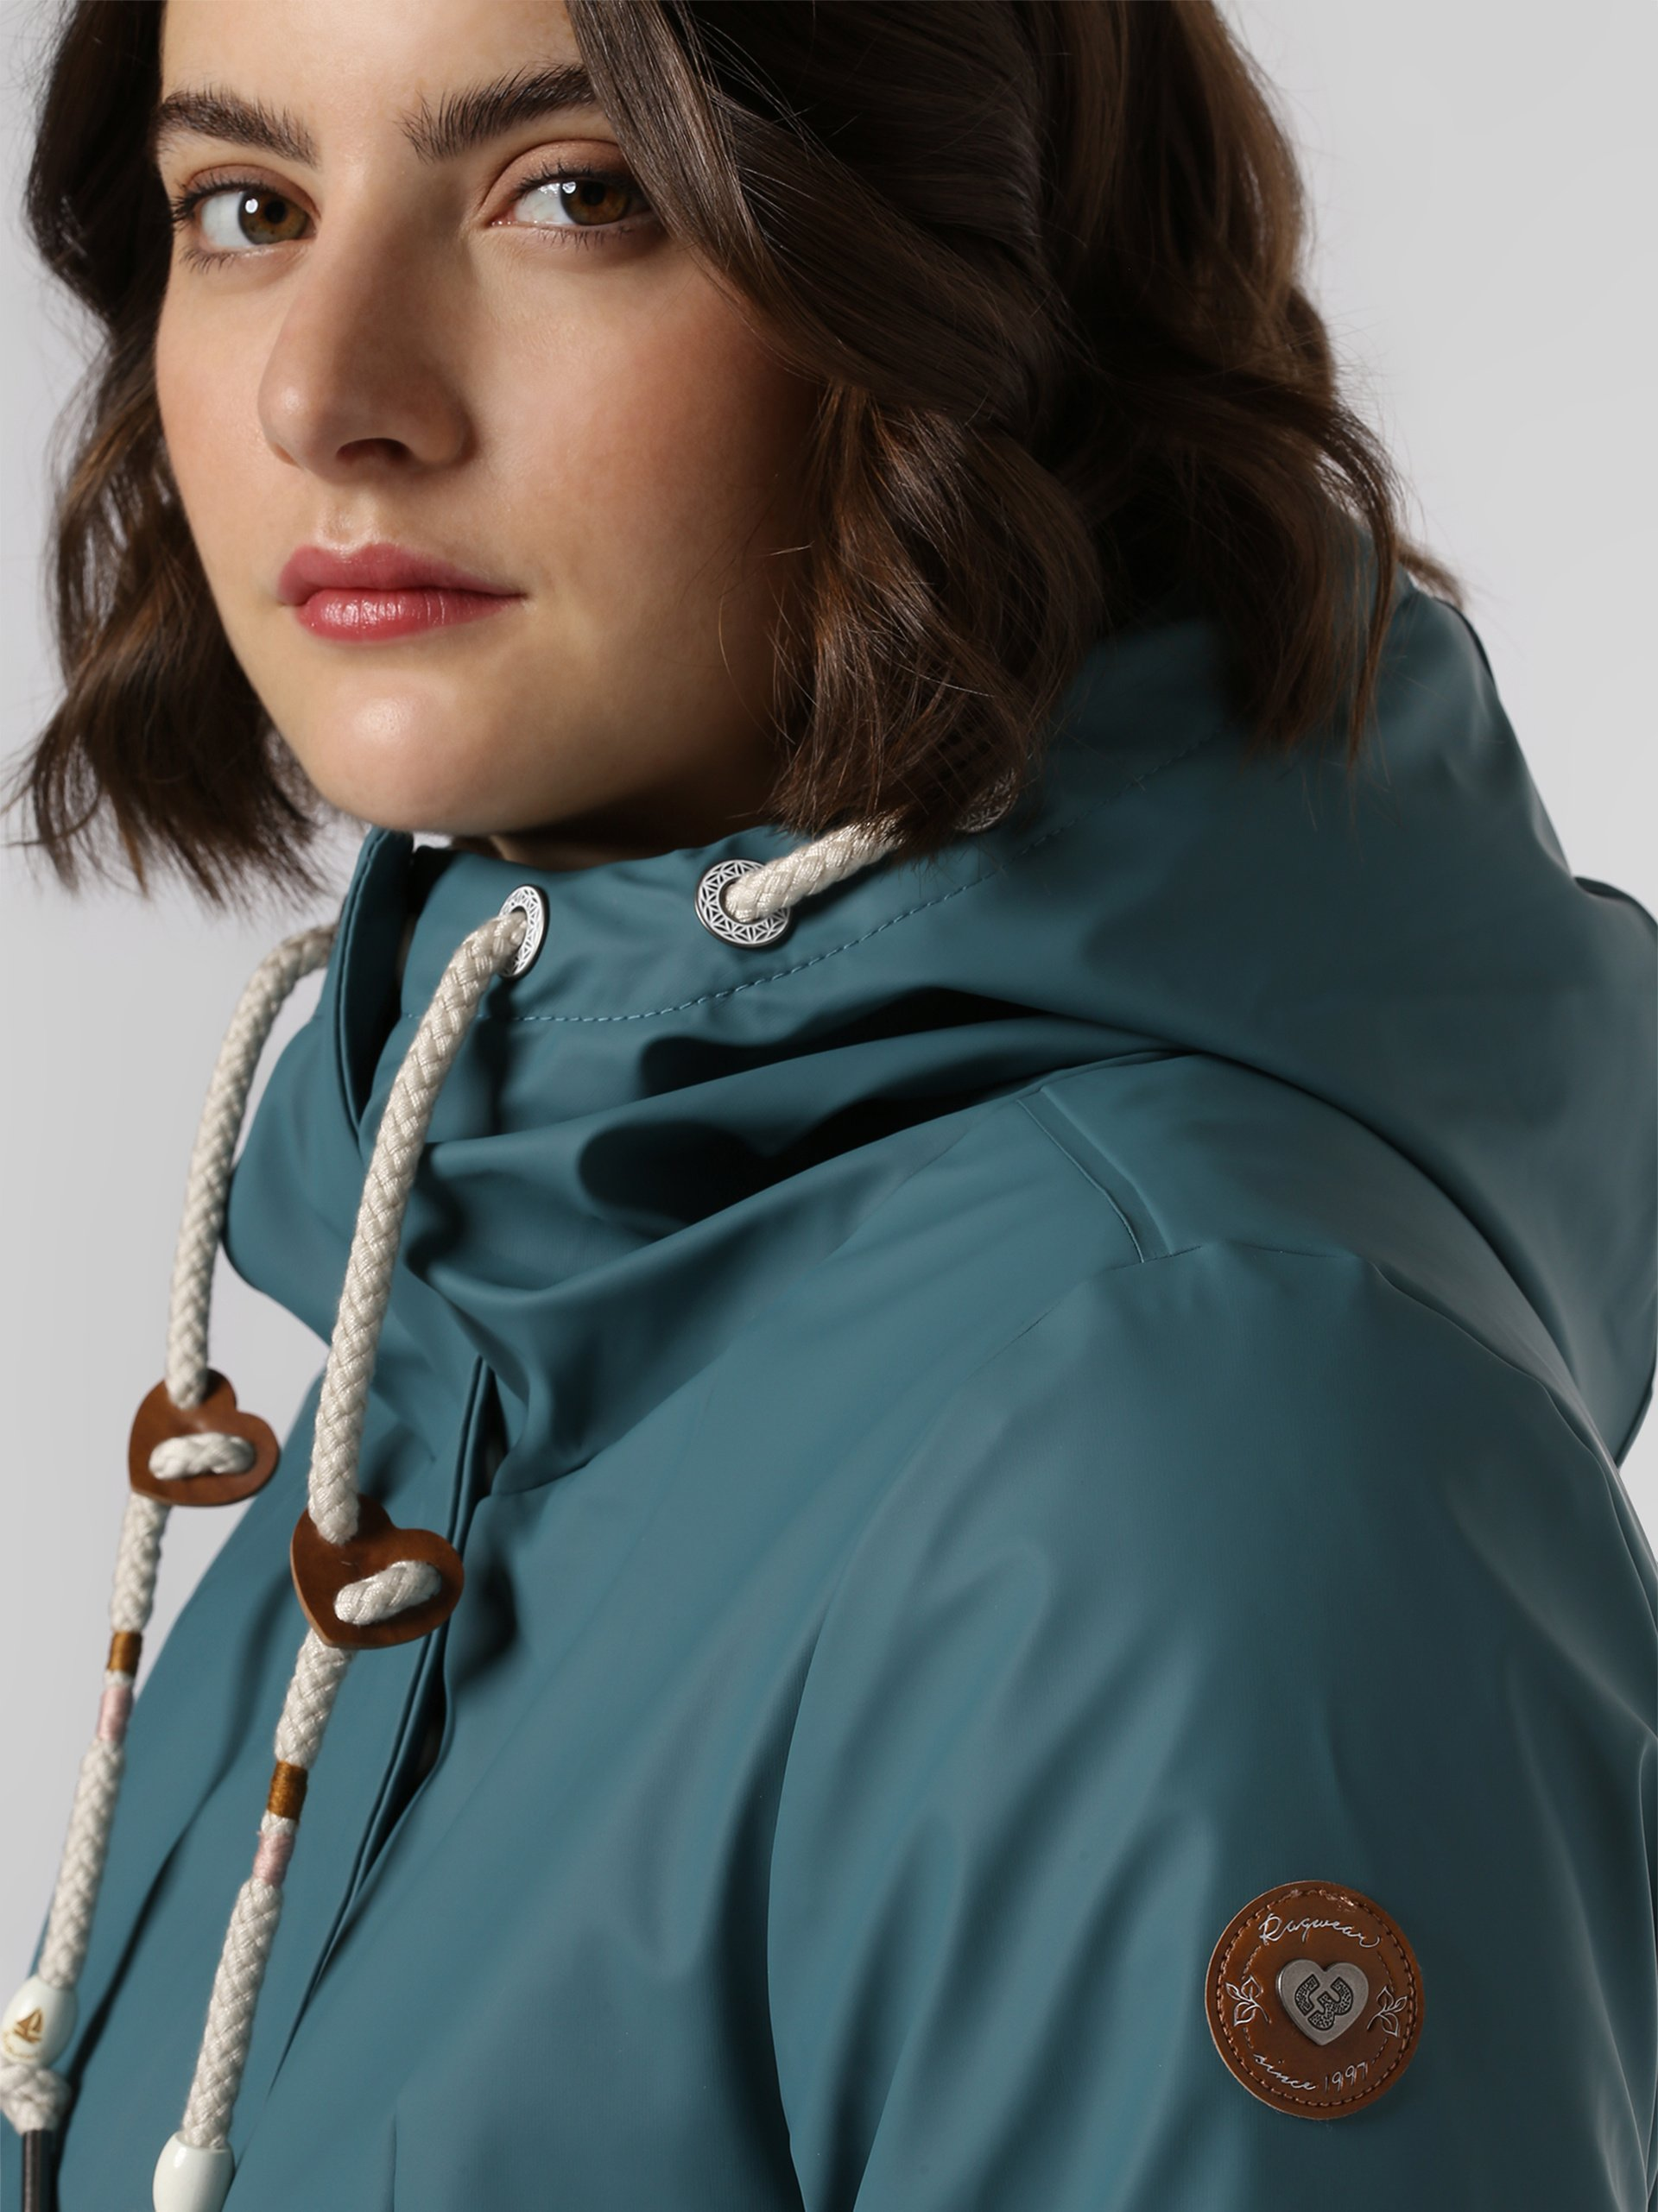 Ragwear Damen Jacke - Monadis Rainy